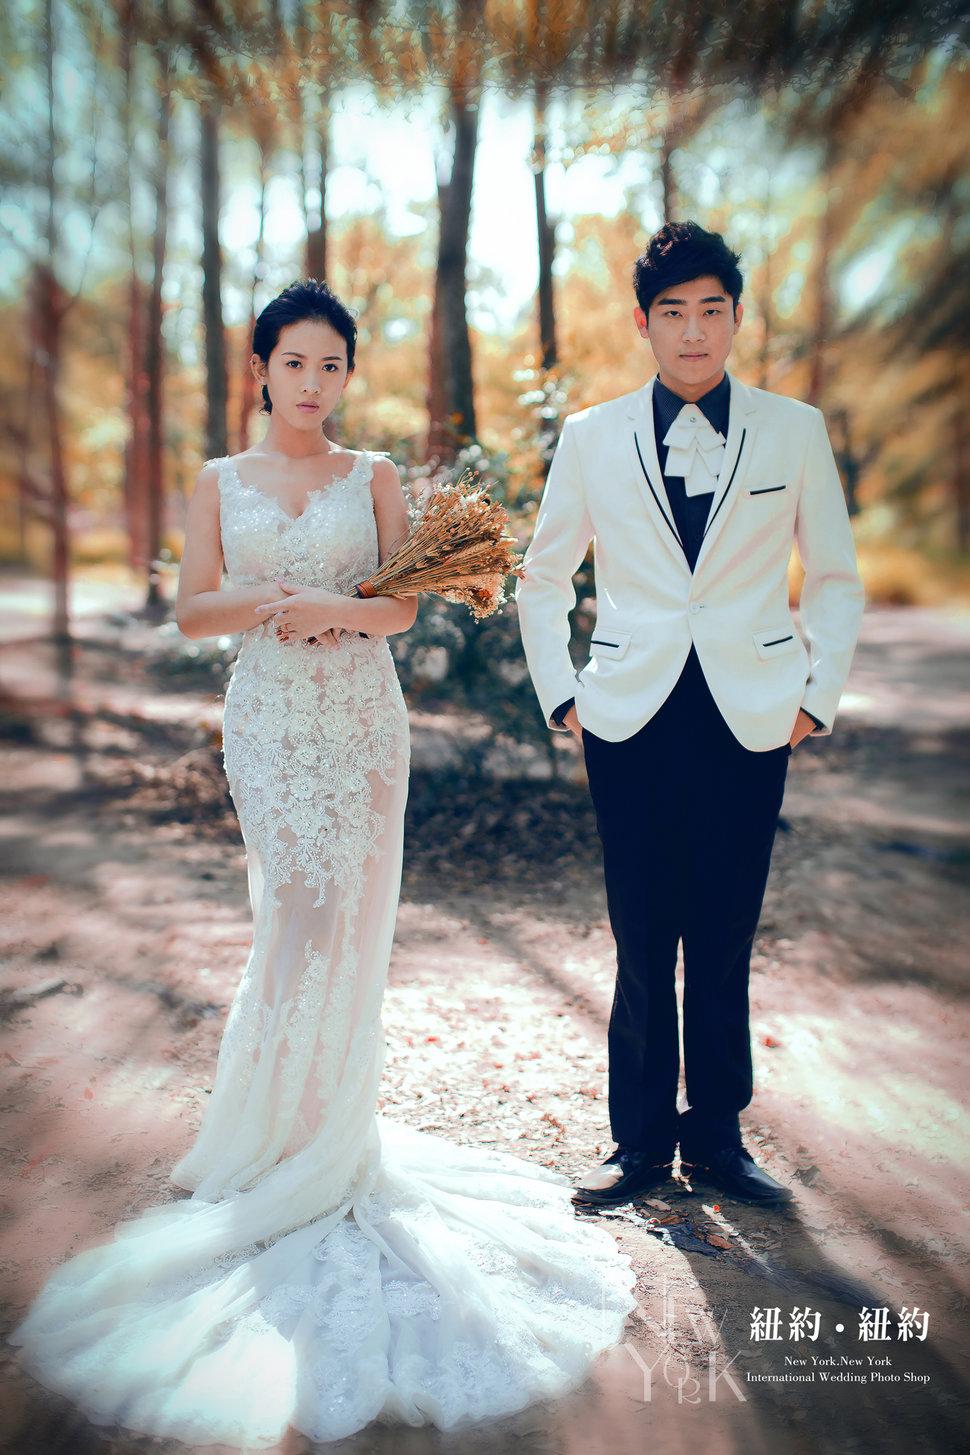 【新人作品│晟皓&妙莉】(編號:431632) - 紐約紐約國際婚紗攝影館 - 嘉義 - 結婚吧